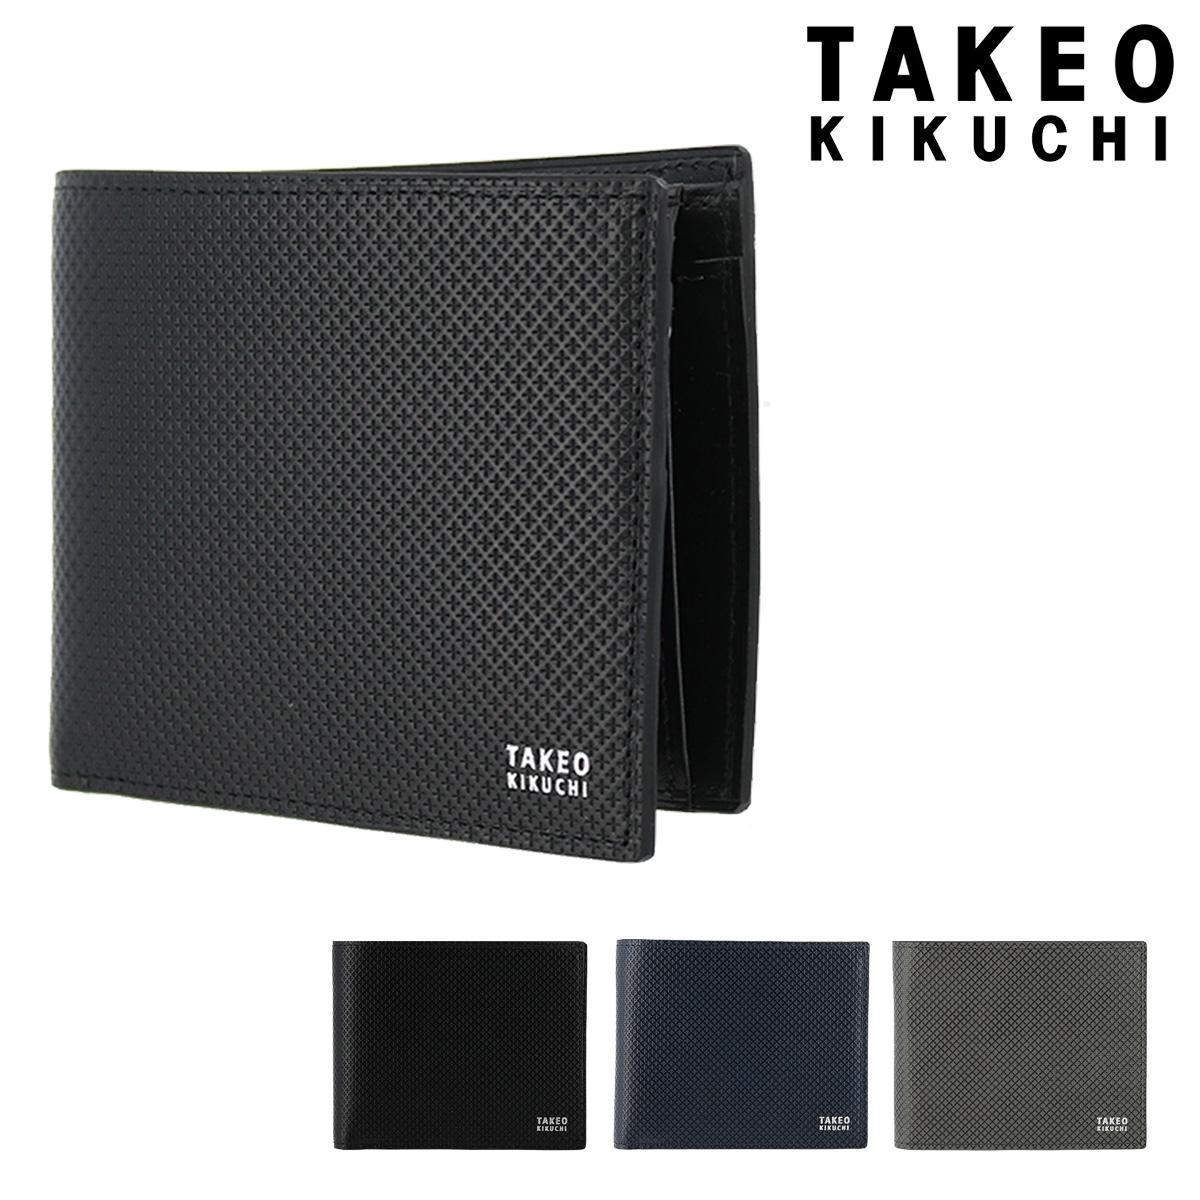 タケオキクチ 二つ折り財布 バース メンズ 706624 TAKEO KIKUCHI | 本革 レザー ブランド専用BOX付き[bef]